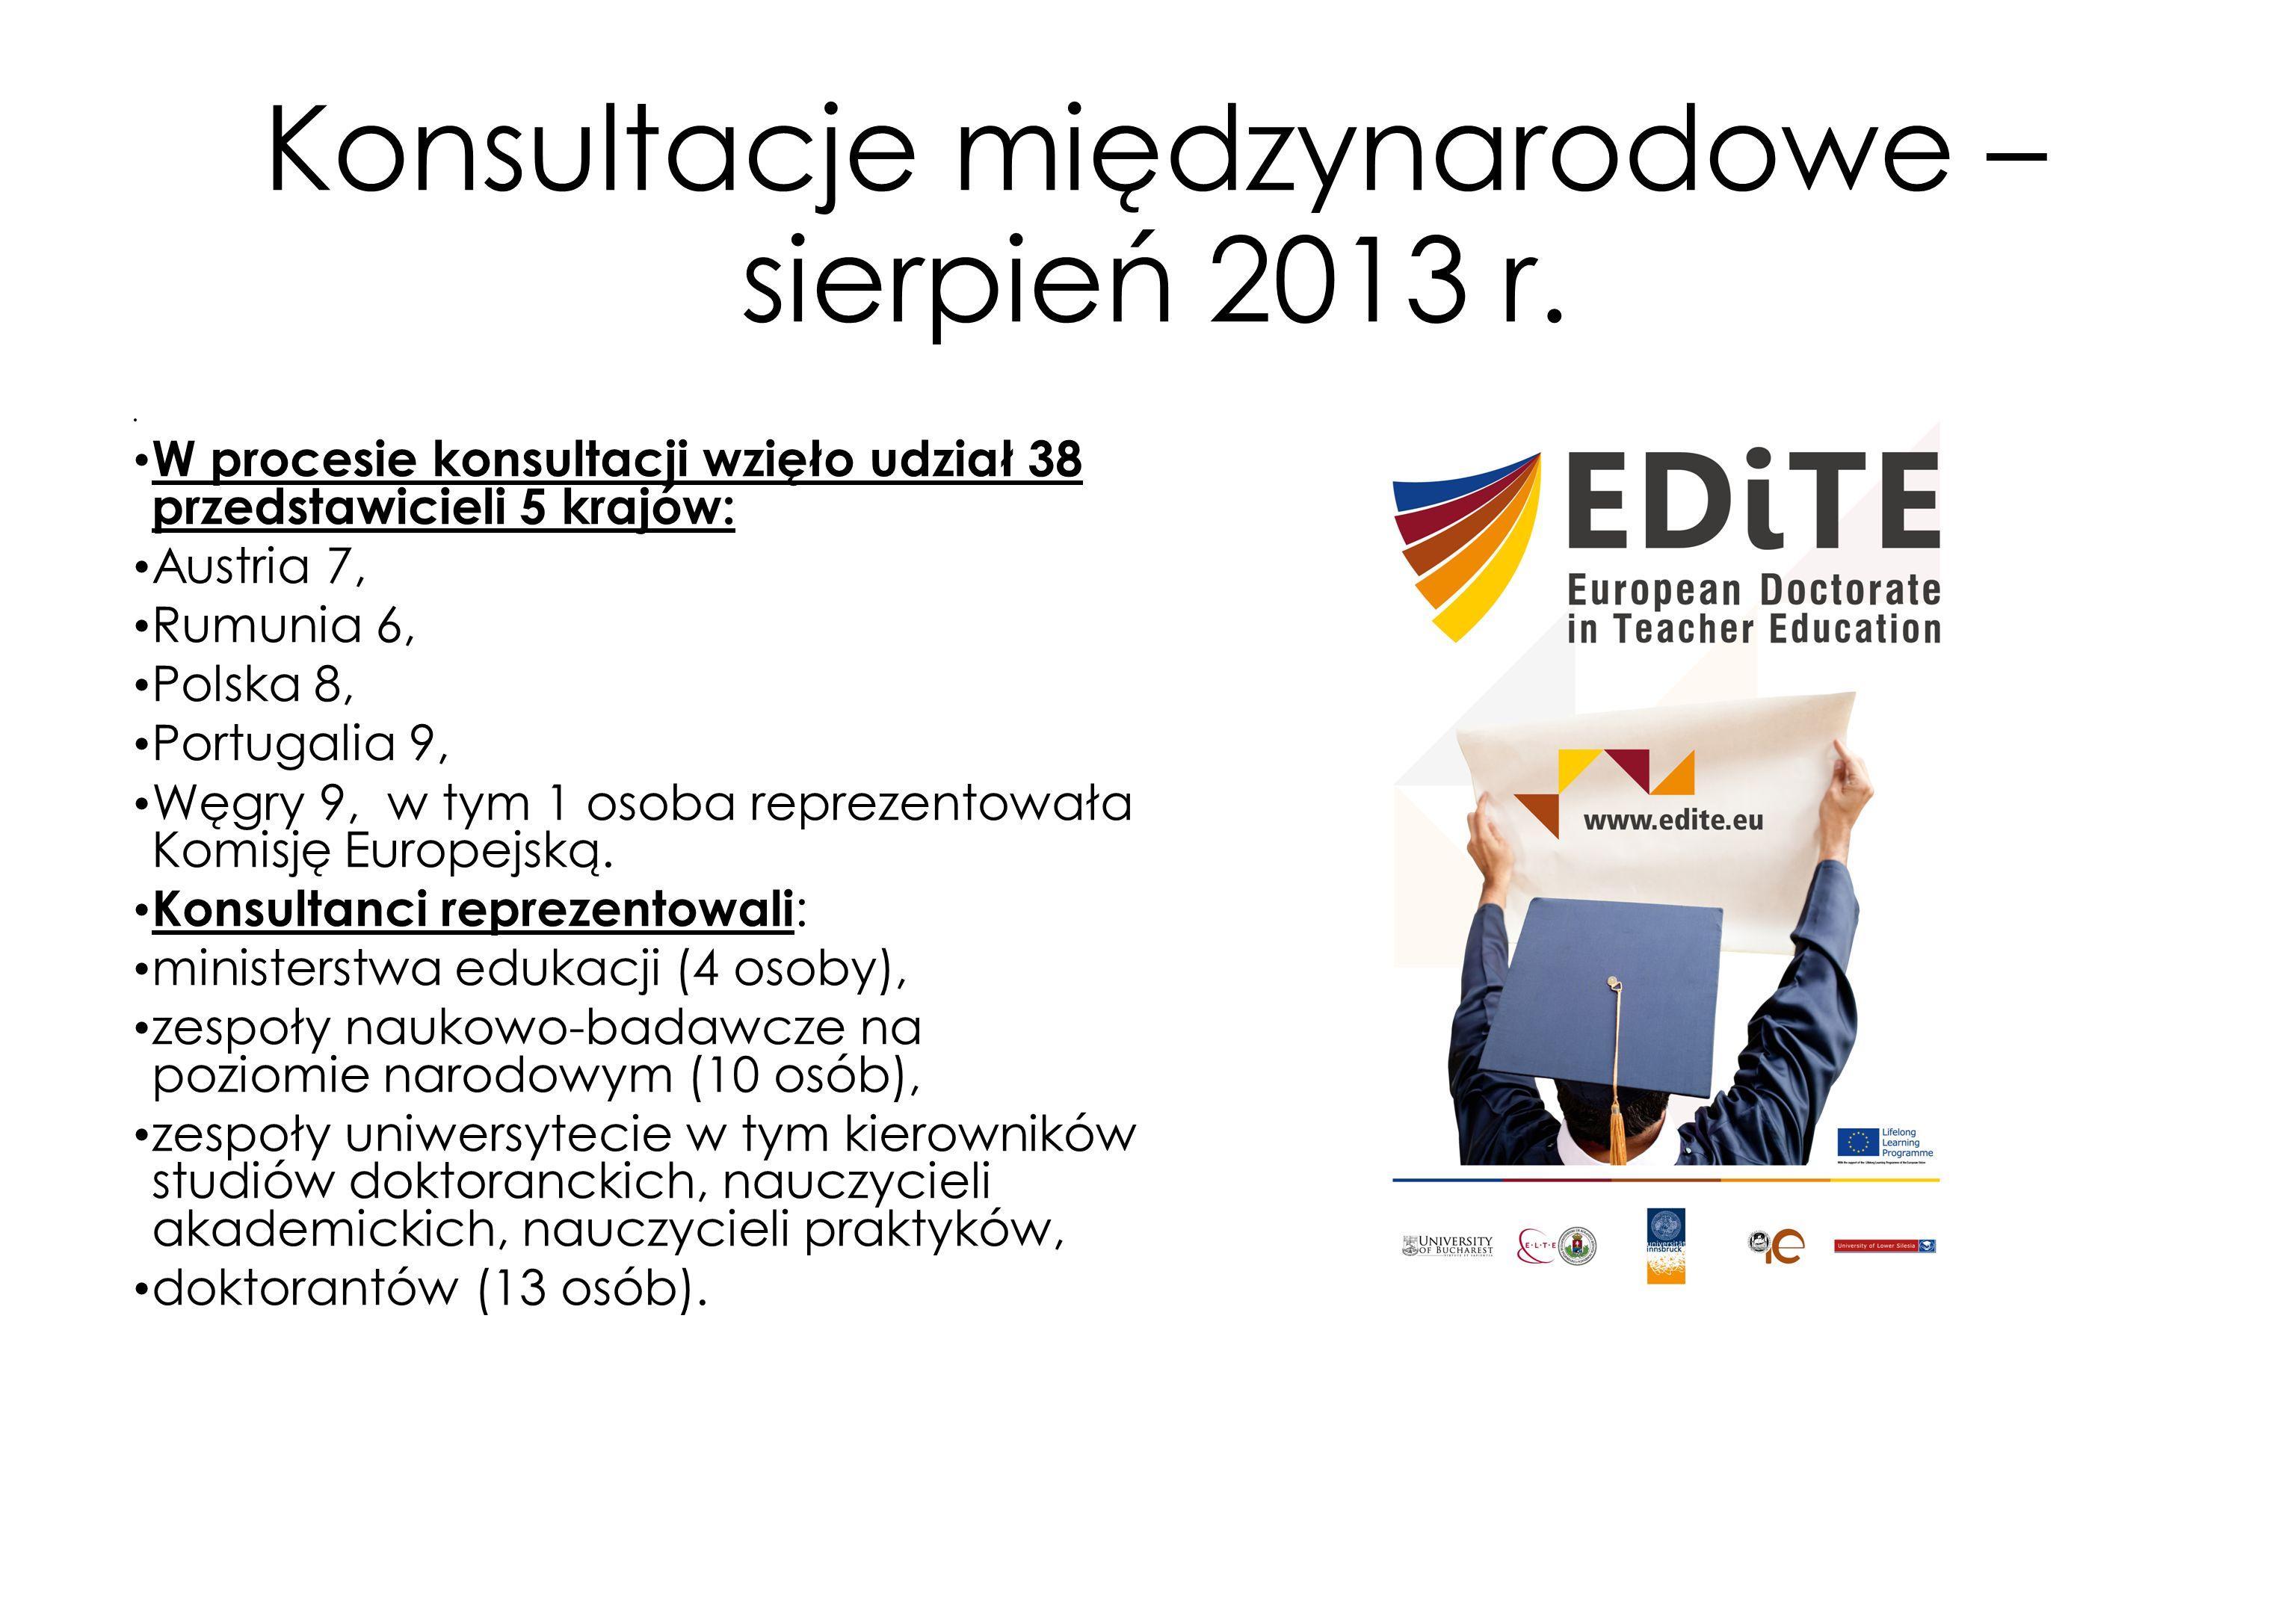 Konsultacje międzynarodowe – sierpień 2013 r. W procesie konsultacji wzięło udział 38 przedstawicieli 5 krajów: Austria 7, Rumunia 6, Polska 8, Portug